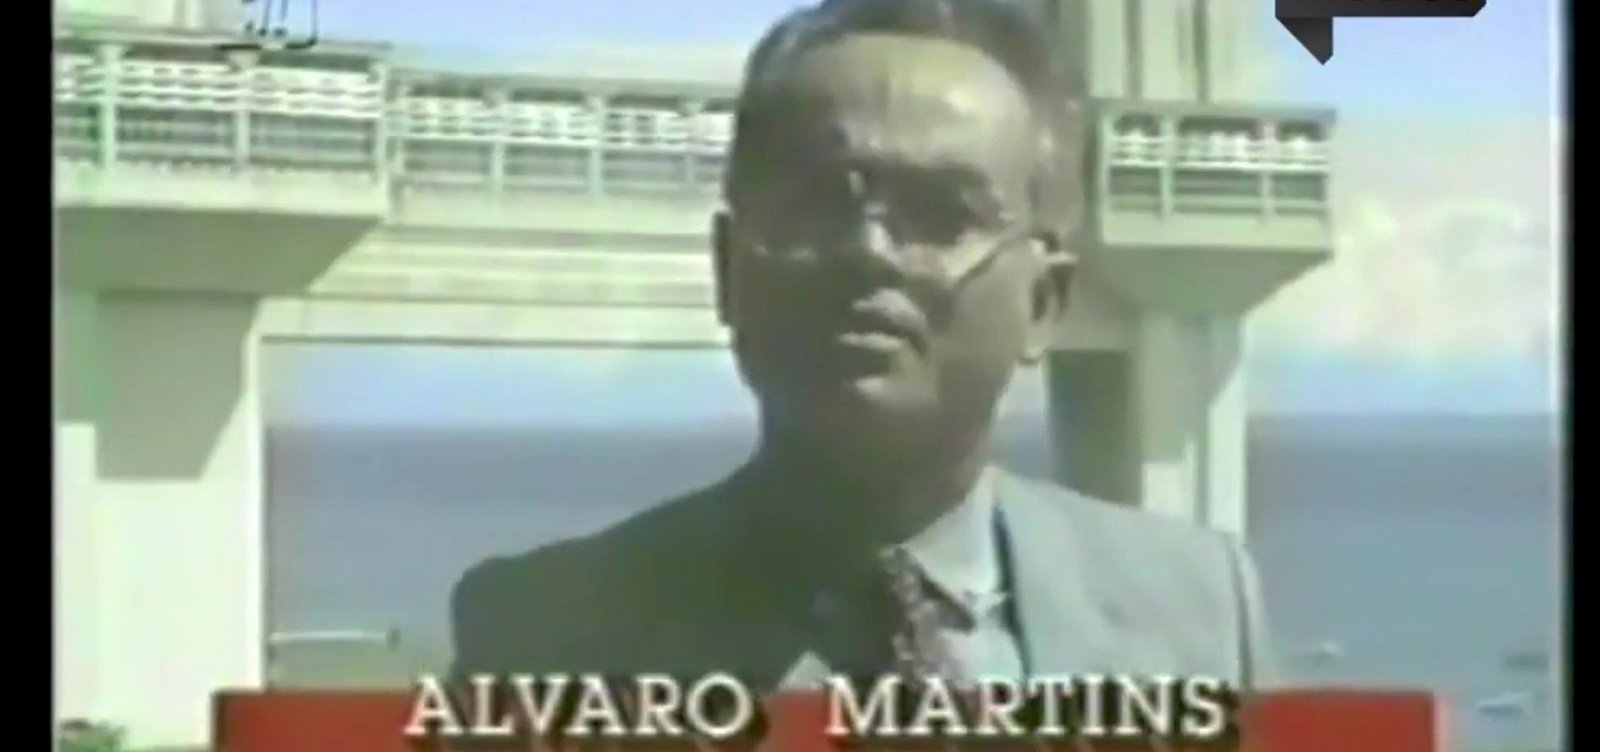 [Pastor vereador fundou centro para cura gay em Salvador em 1994]